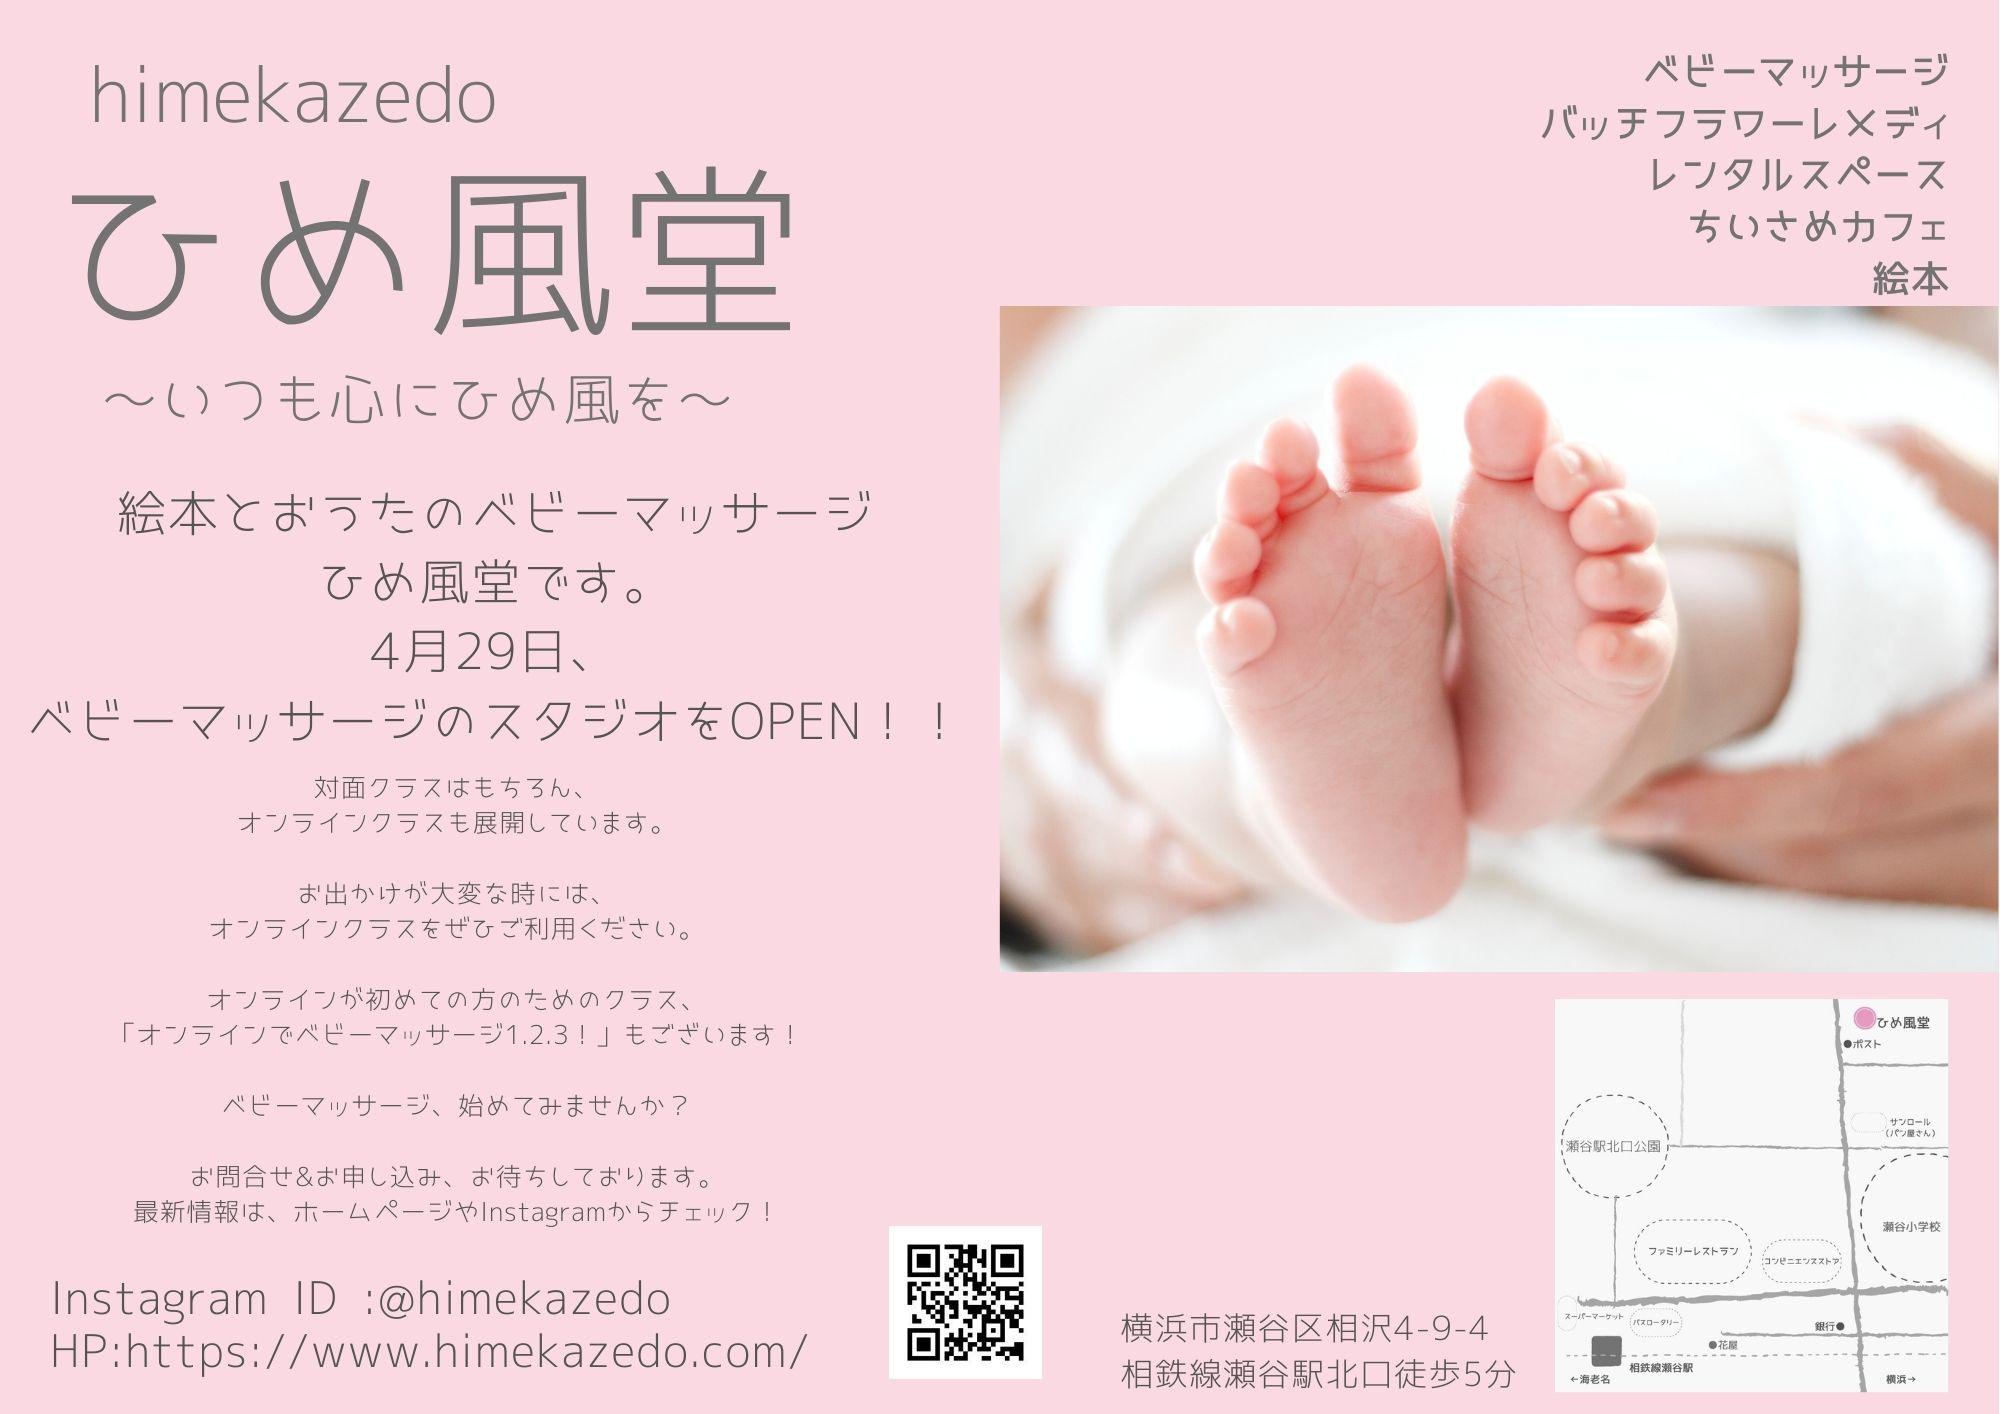 4/29、「ひめ風堂オープン日のスケジュール」